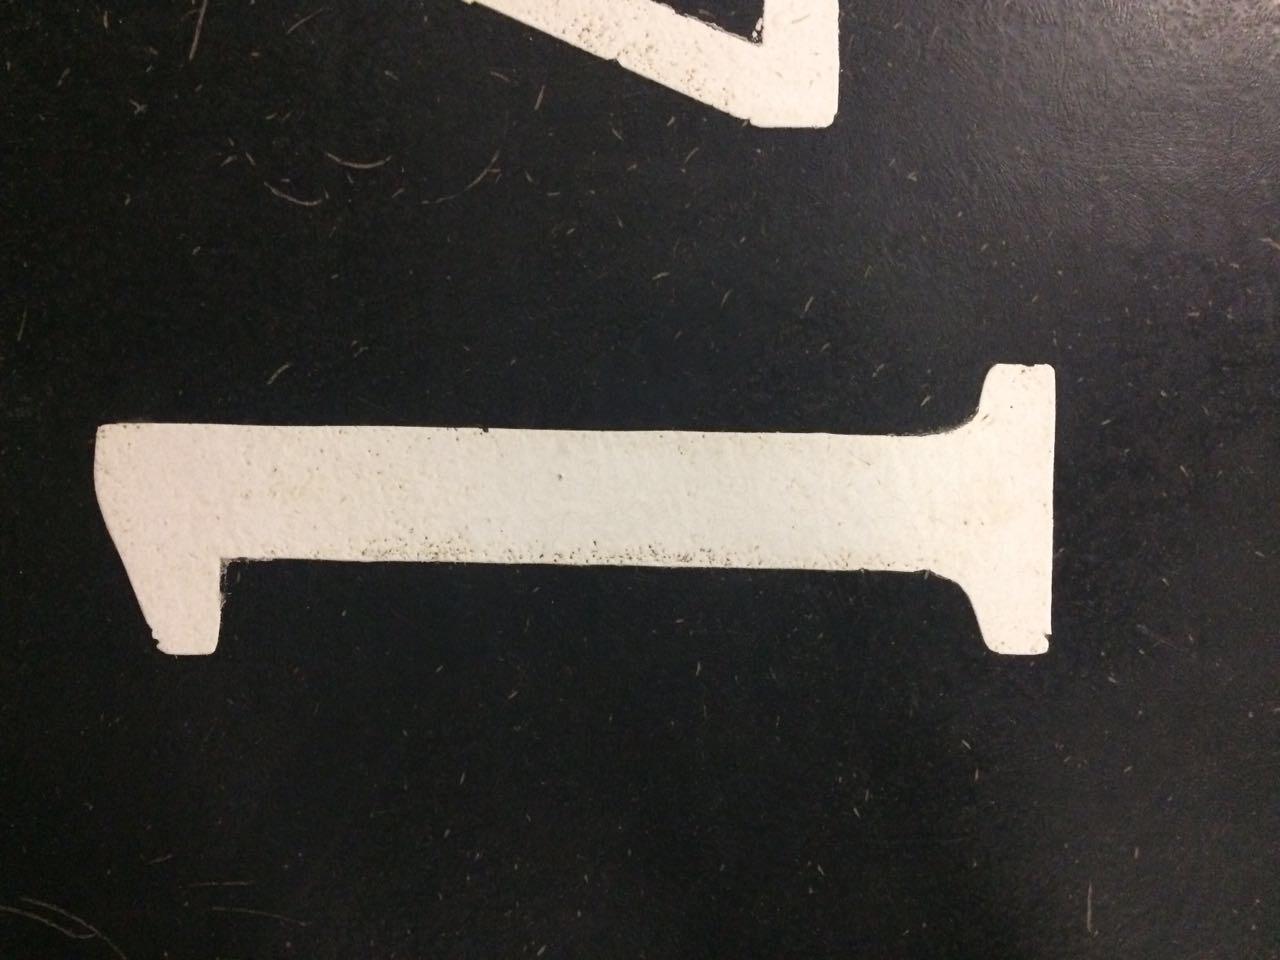 Черная матовая эмаль - пример окраски машины